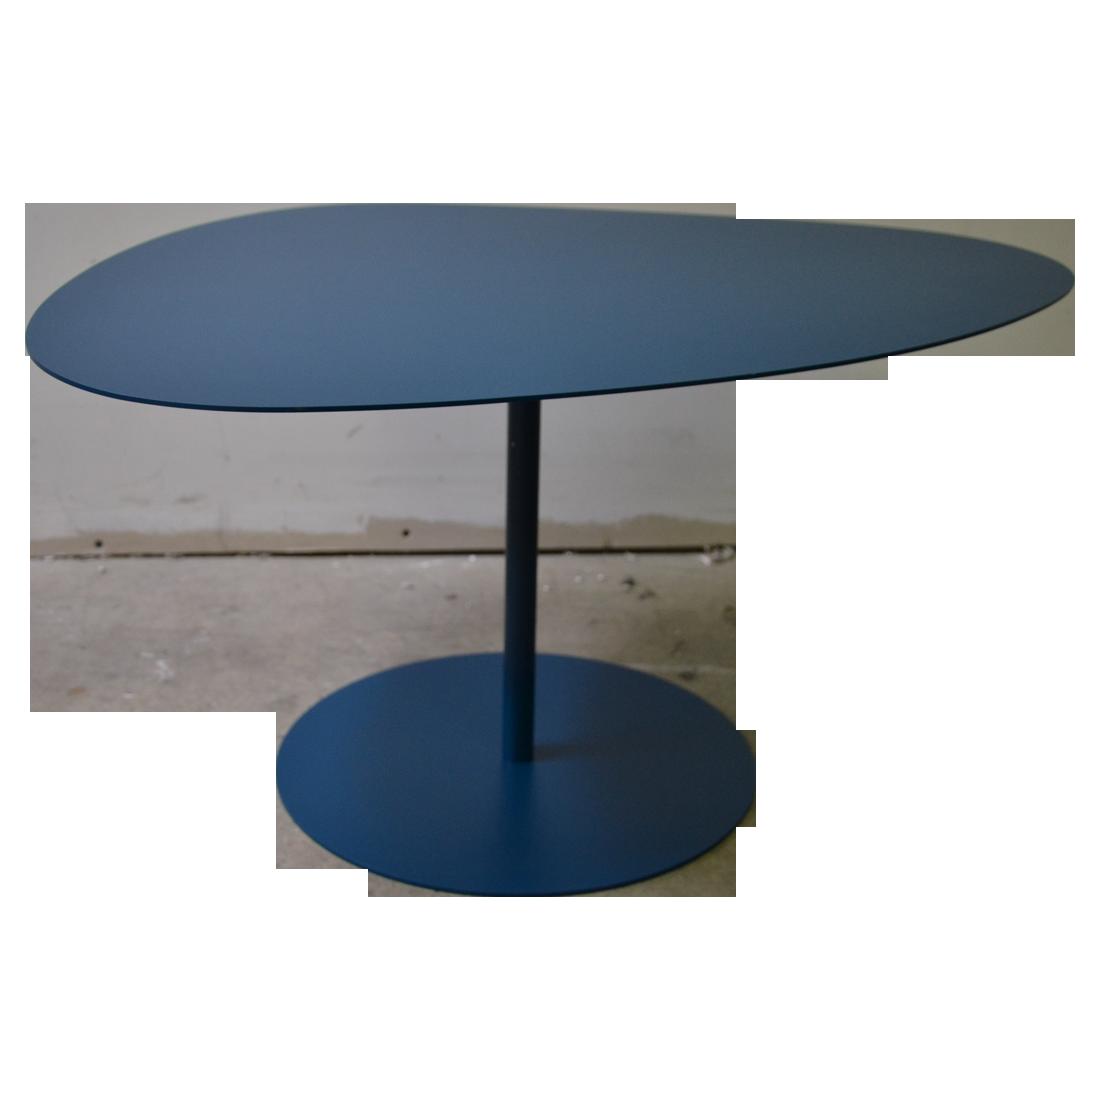 Table Basse Galet Par Luc Jozancy Pour Matiere Grise Table Basse Galet Table Basse Couleur Bleu Canard